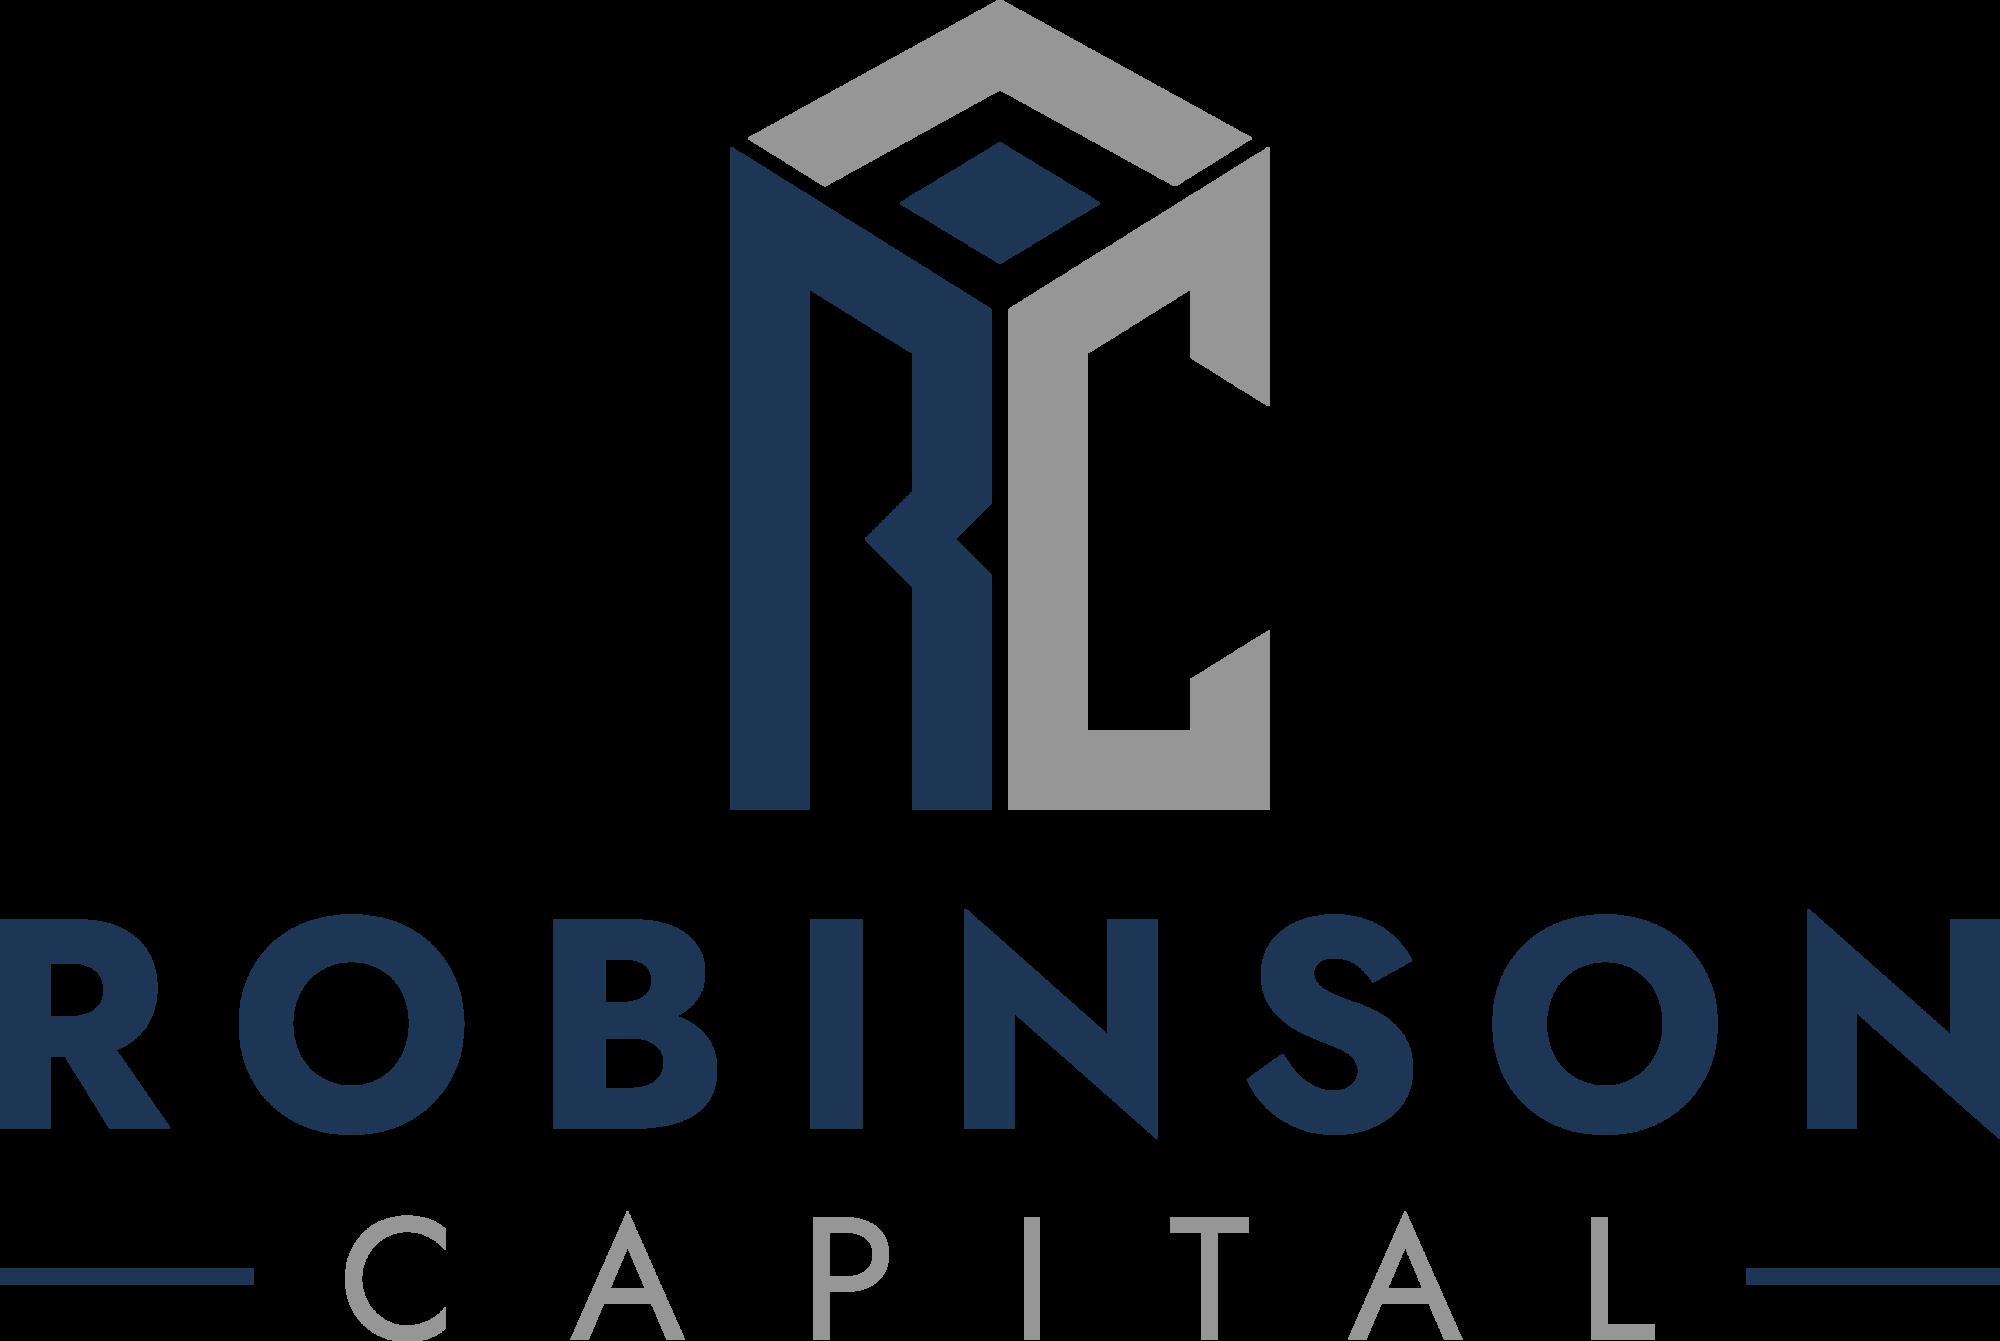 Robinson Capital